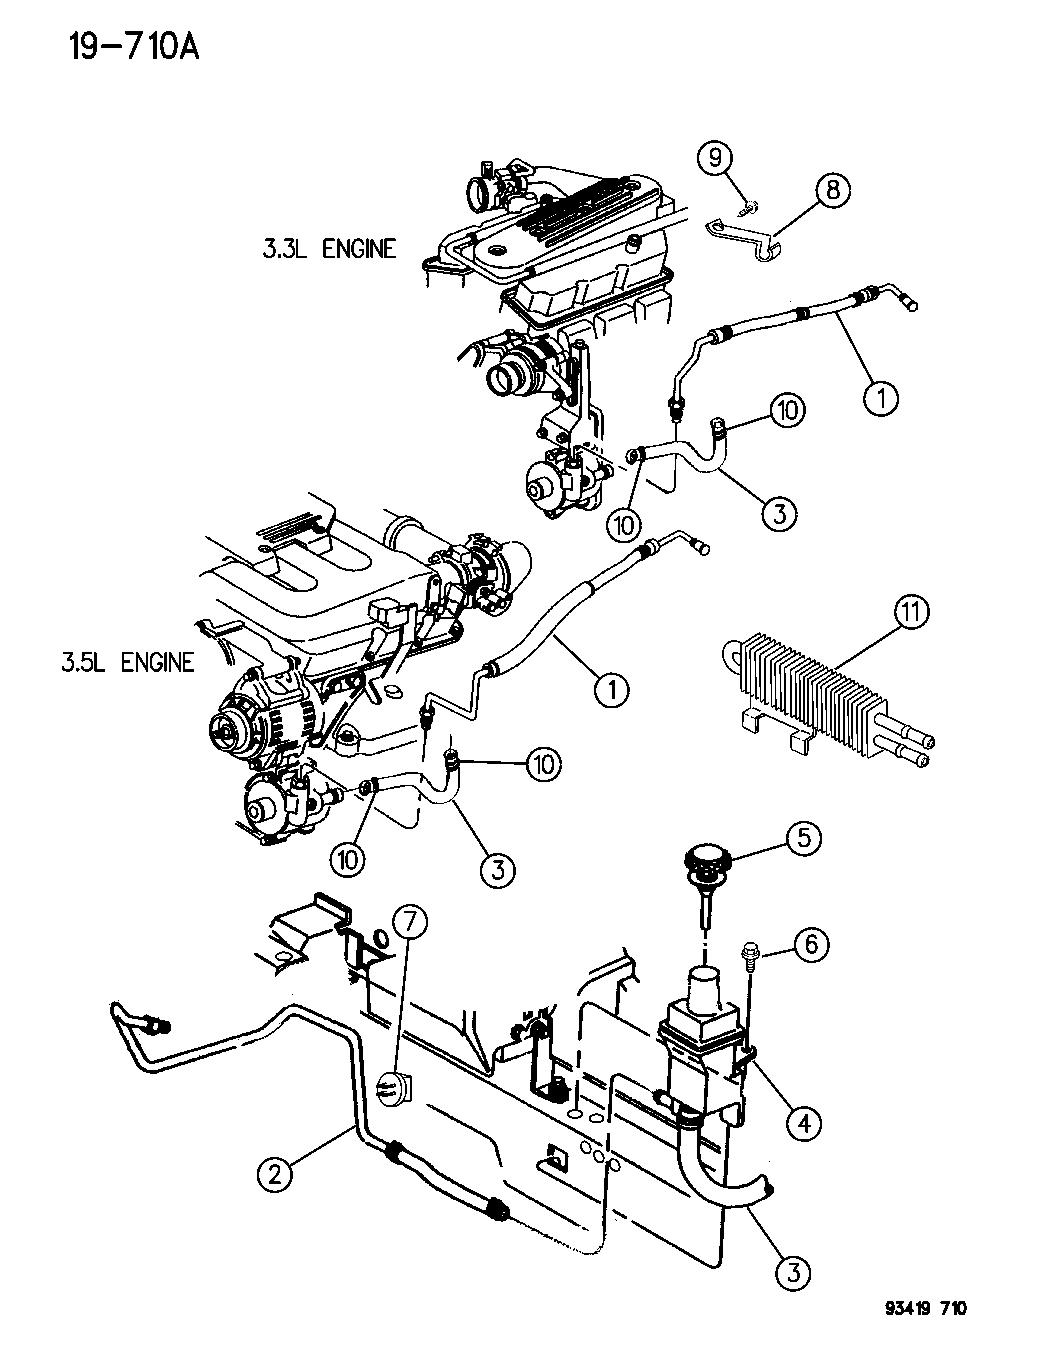 1994 Chrysler Concorde Power Steering Hoses - Mopar Parts GiantMopar Parts Giant